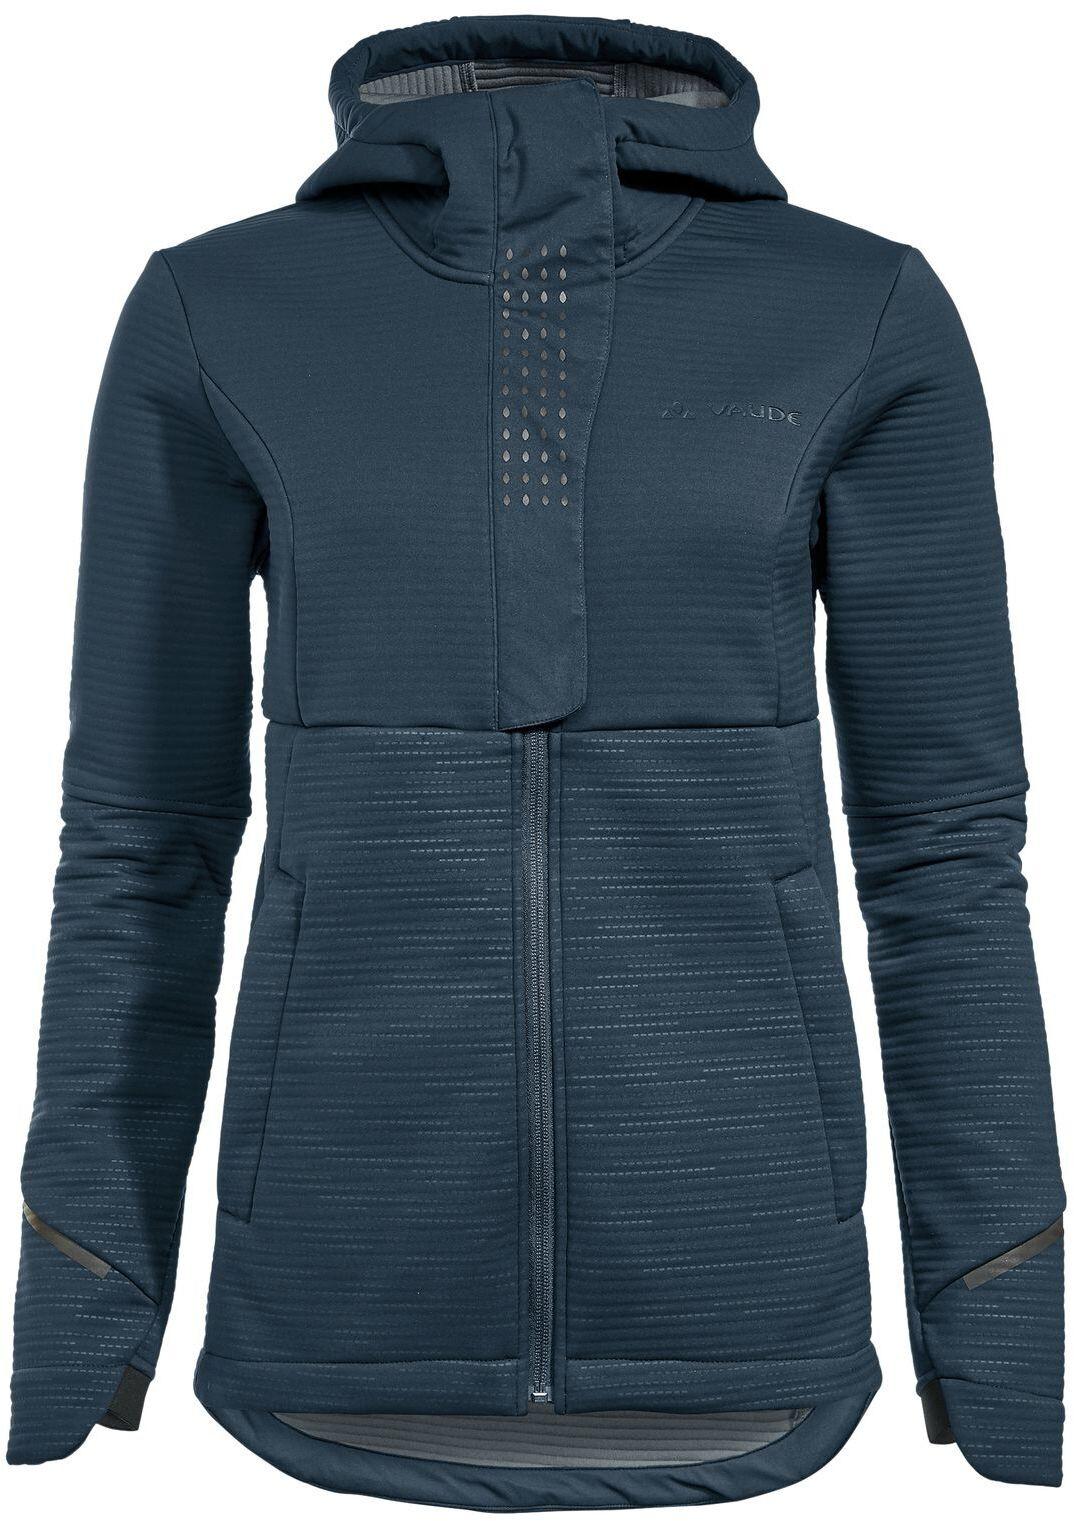 Bleu Steelblue VAUDE Womens Cyclist Winter Softshell Jacket Femme Taille